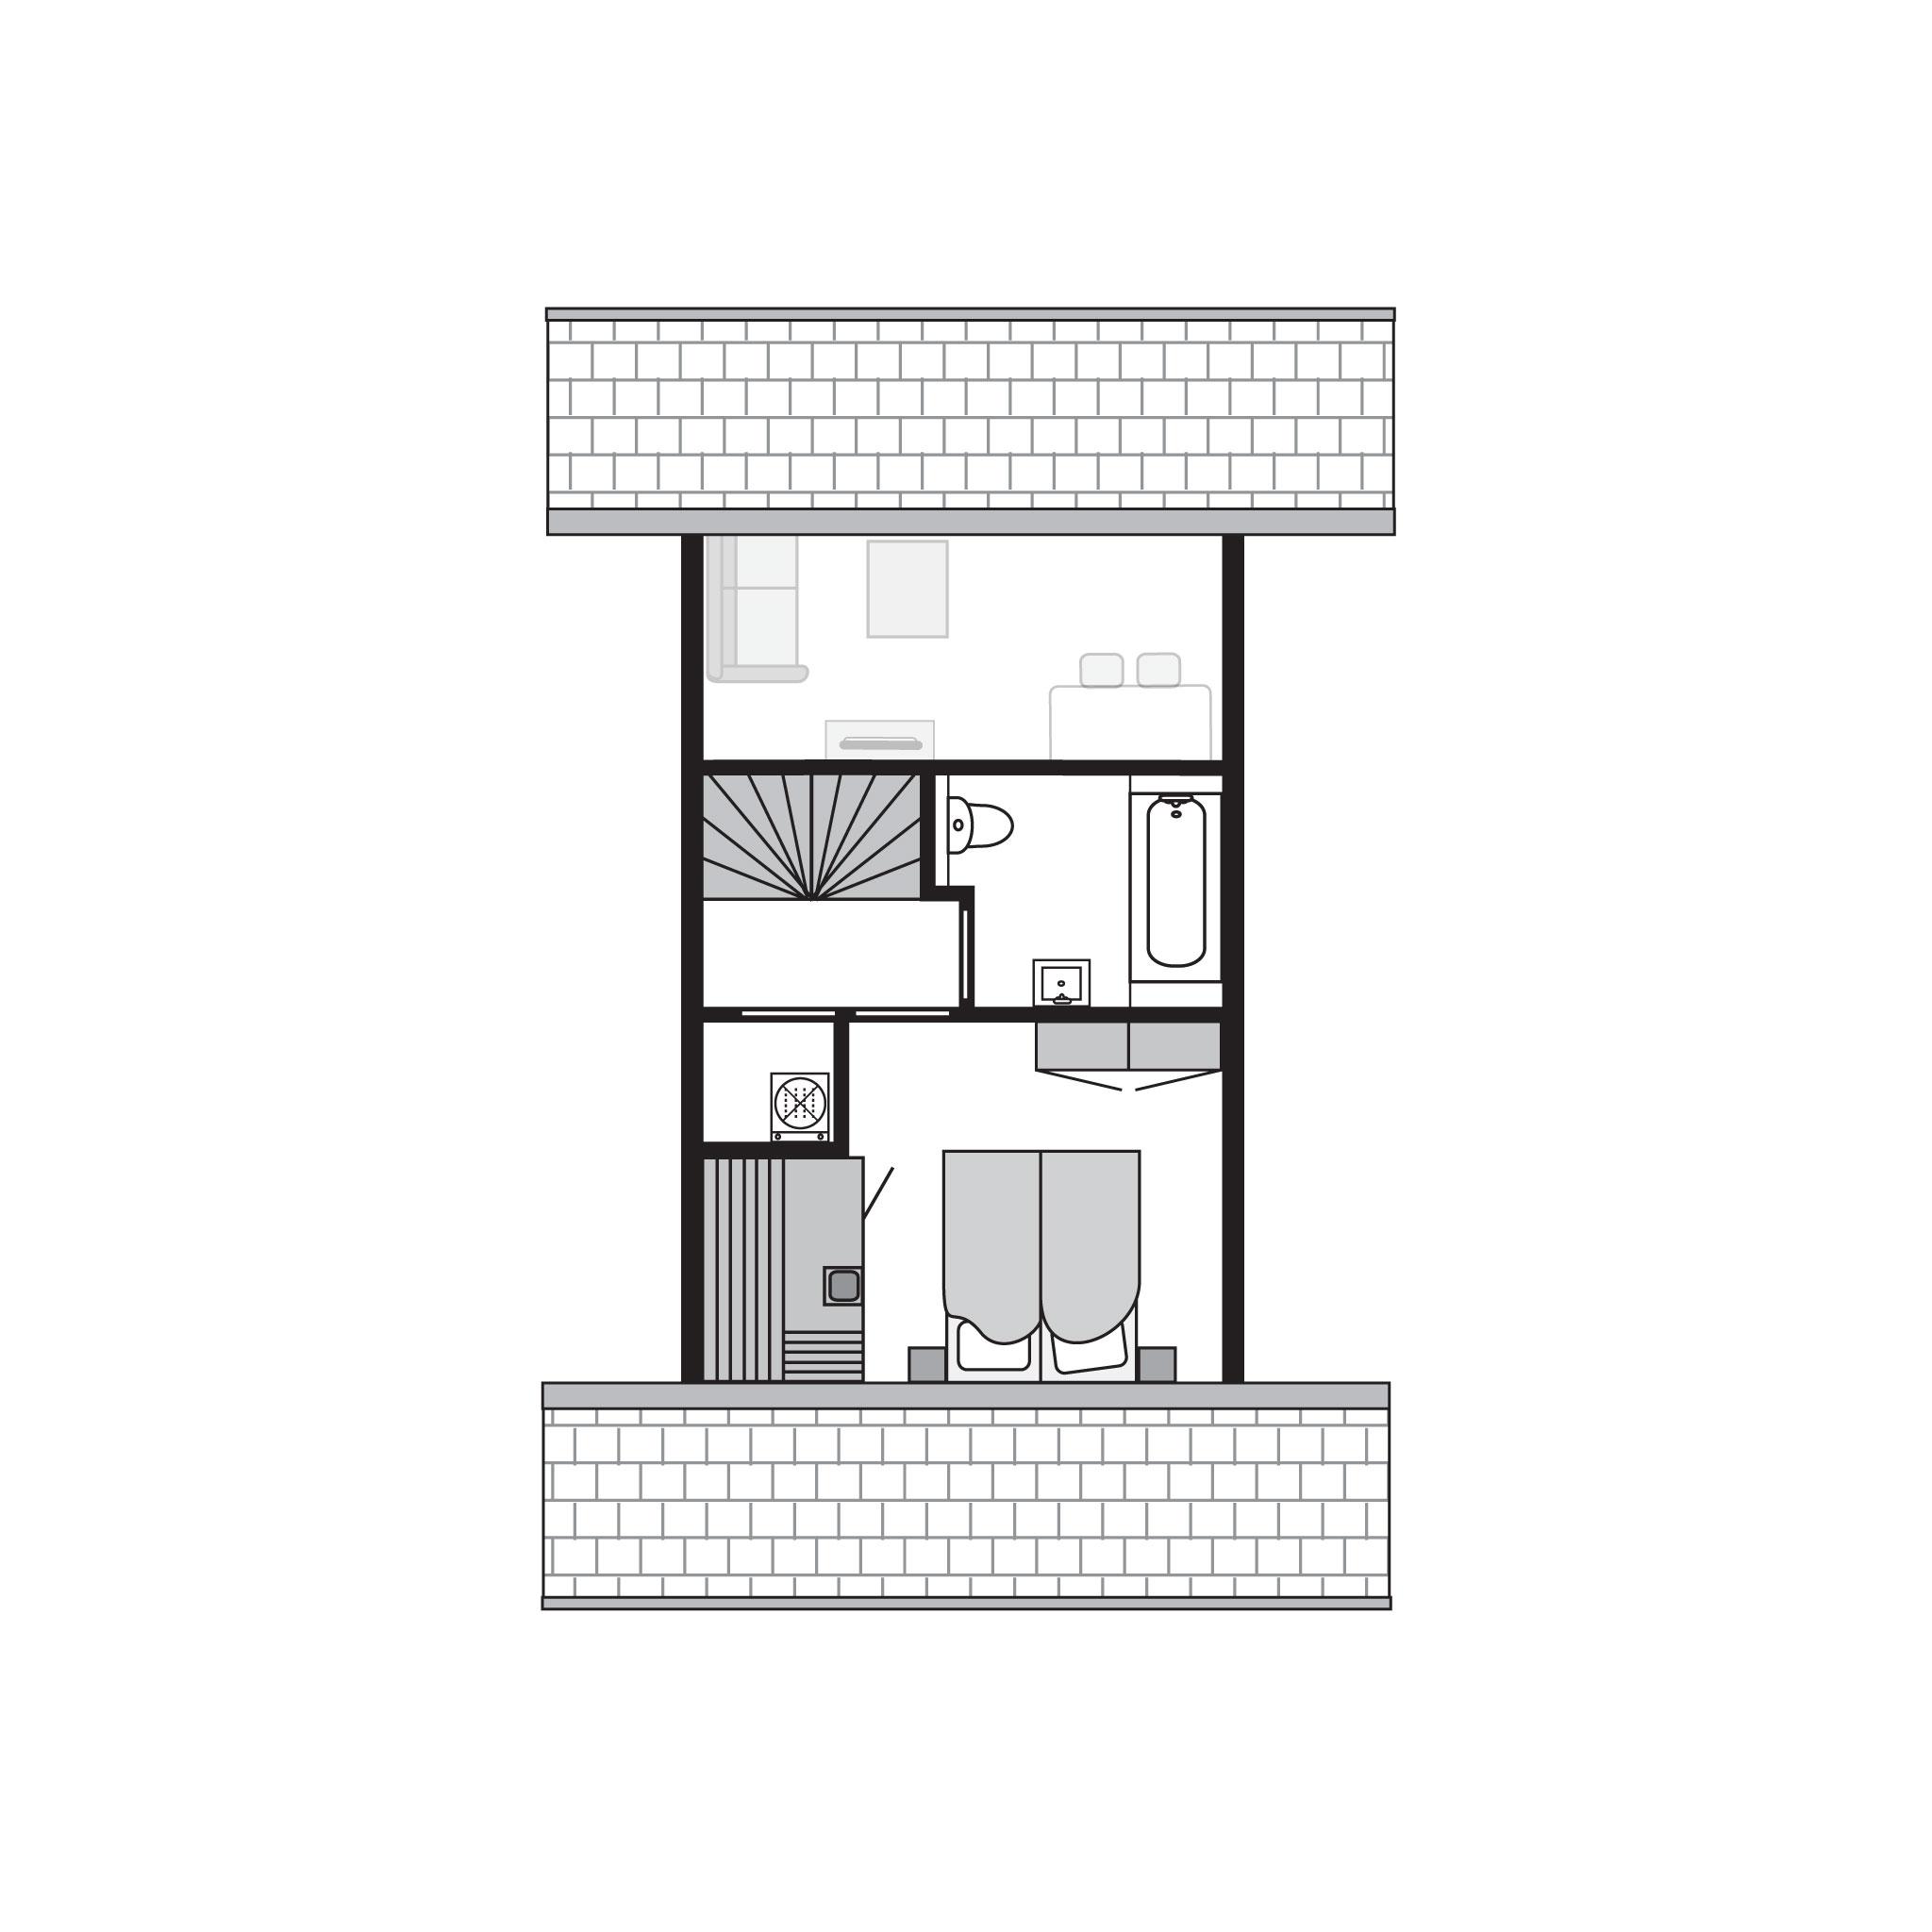 Ferienhaus Luxus 4-Personen-Bauernhaus im Ferienpark Landal Strand Resort Nieuwvliet-Bad - an der Küs (589561), Nieuwvliet, , Seeland, Niederlande, Bild 27